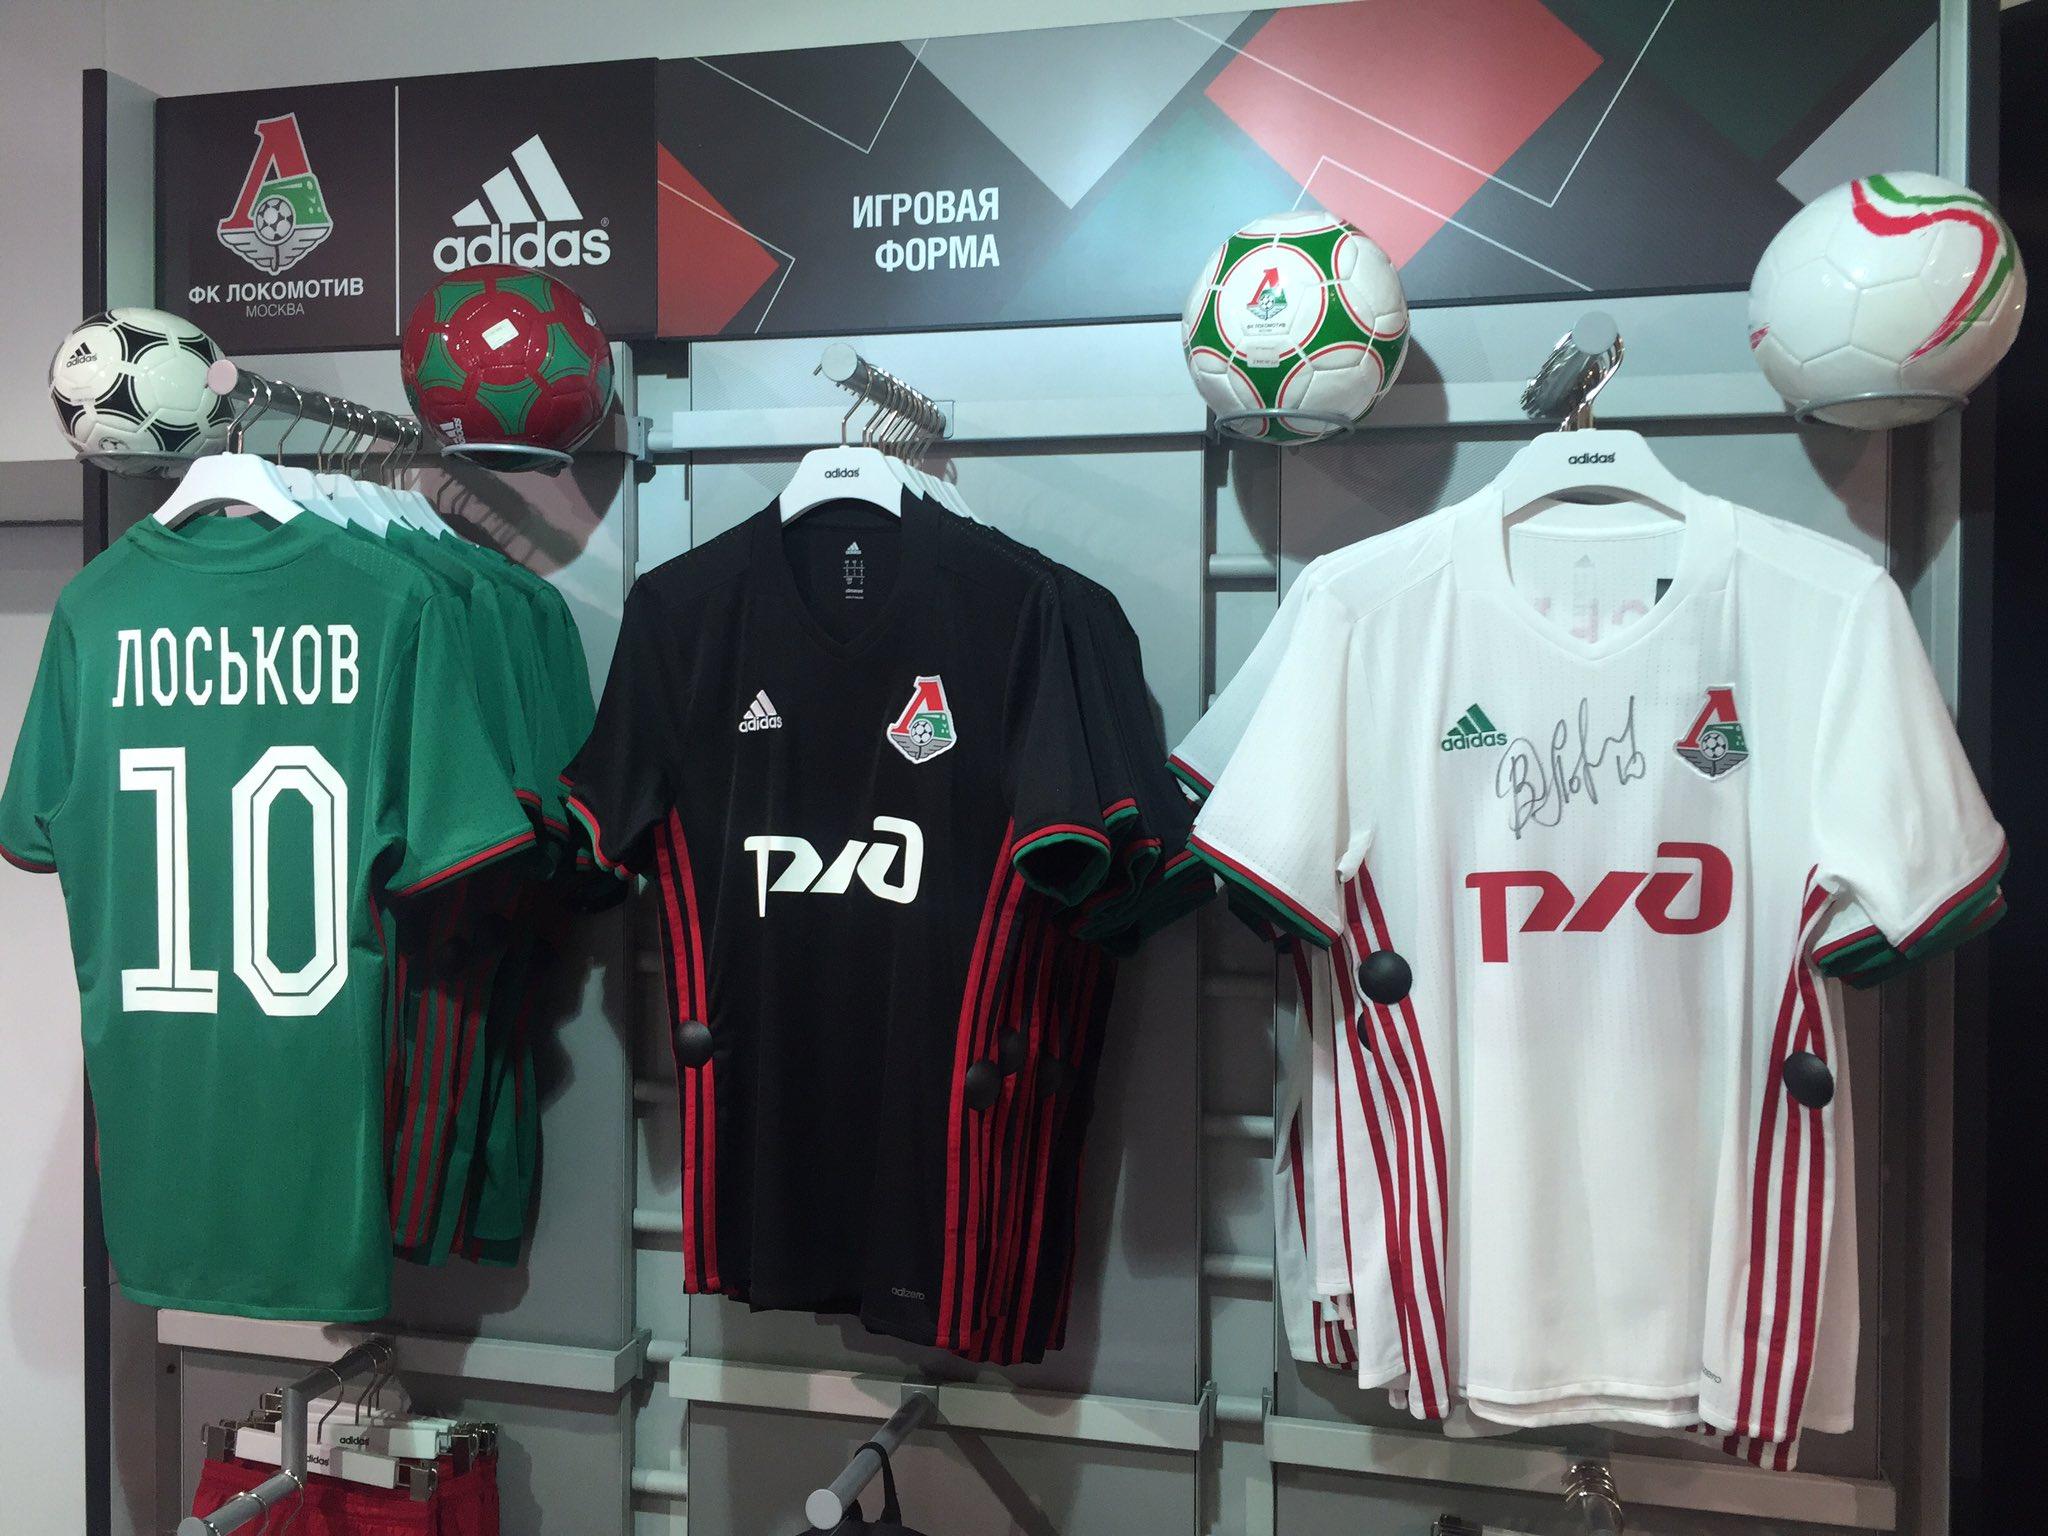 Футболки с автографом Дмитрия Лоськова – в клубном магазине